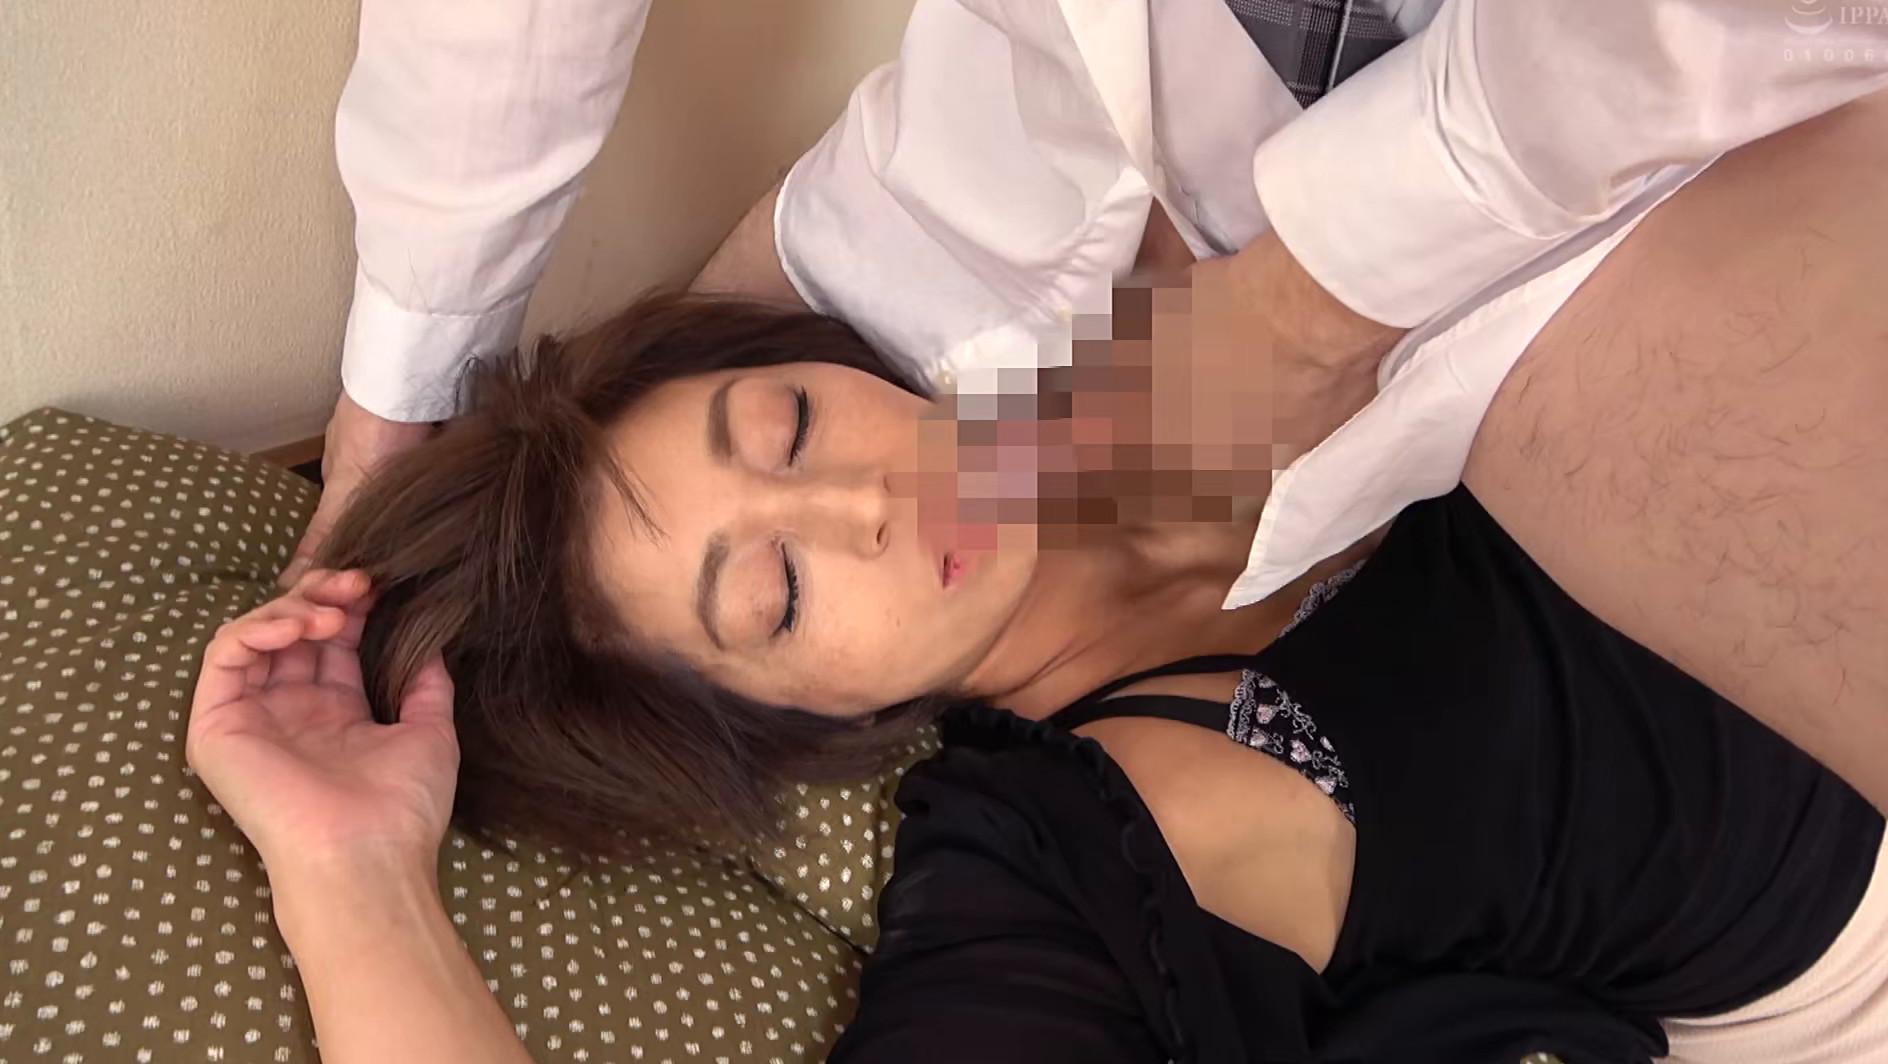 五十路義母 嫁の母は婿に肉体を求められ逞しい肉棒を受け入れる・・・ 画像8